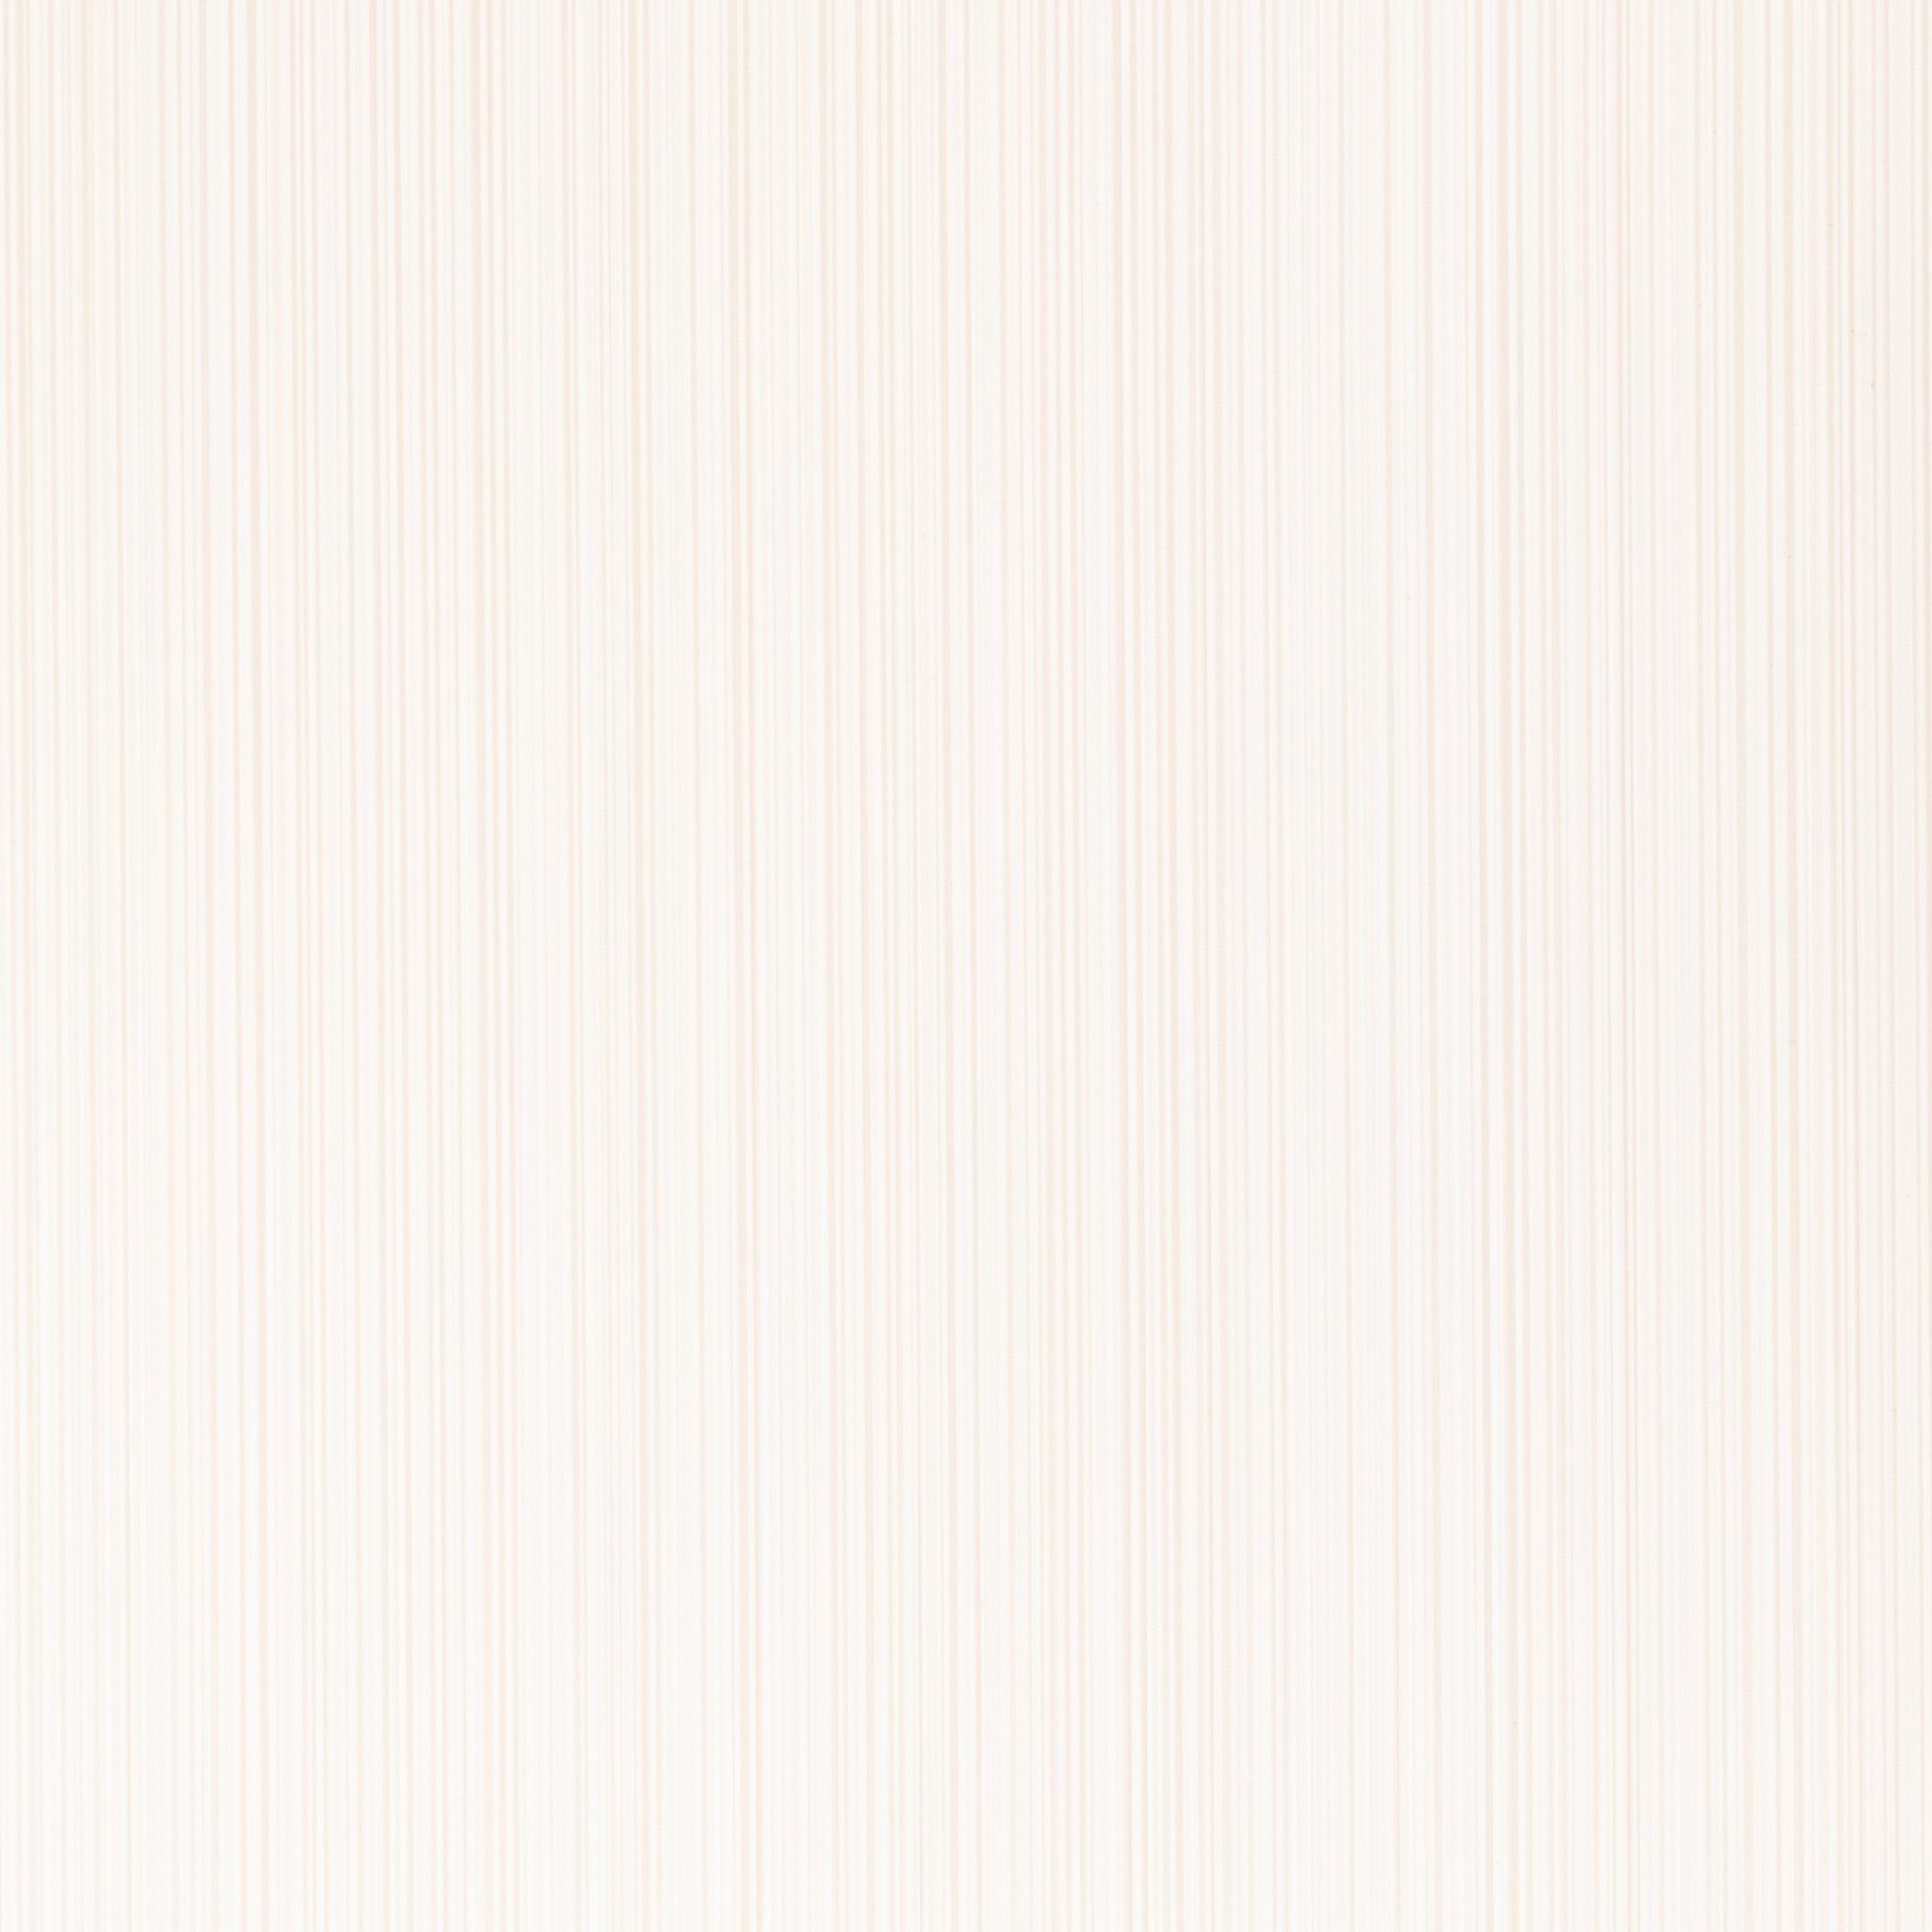 Панель ПВХ 250х2700х8 мм Nordside бесшовная валенсия песочная ламинированная фото